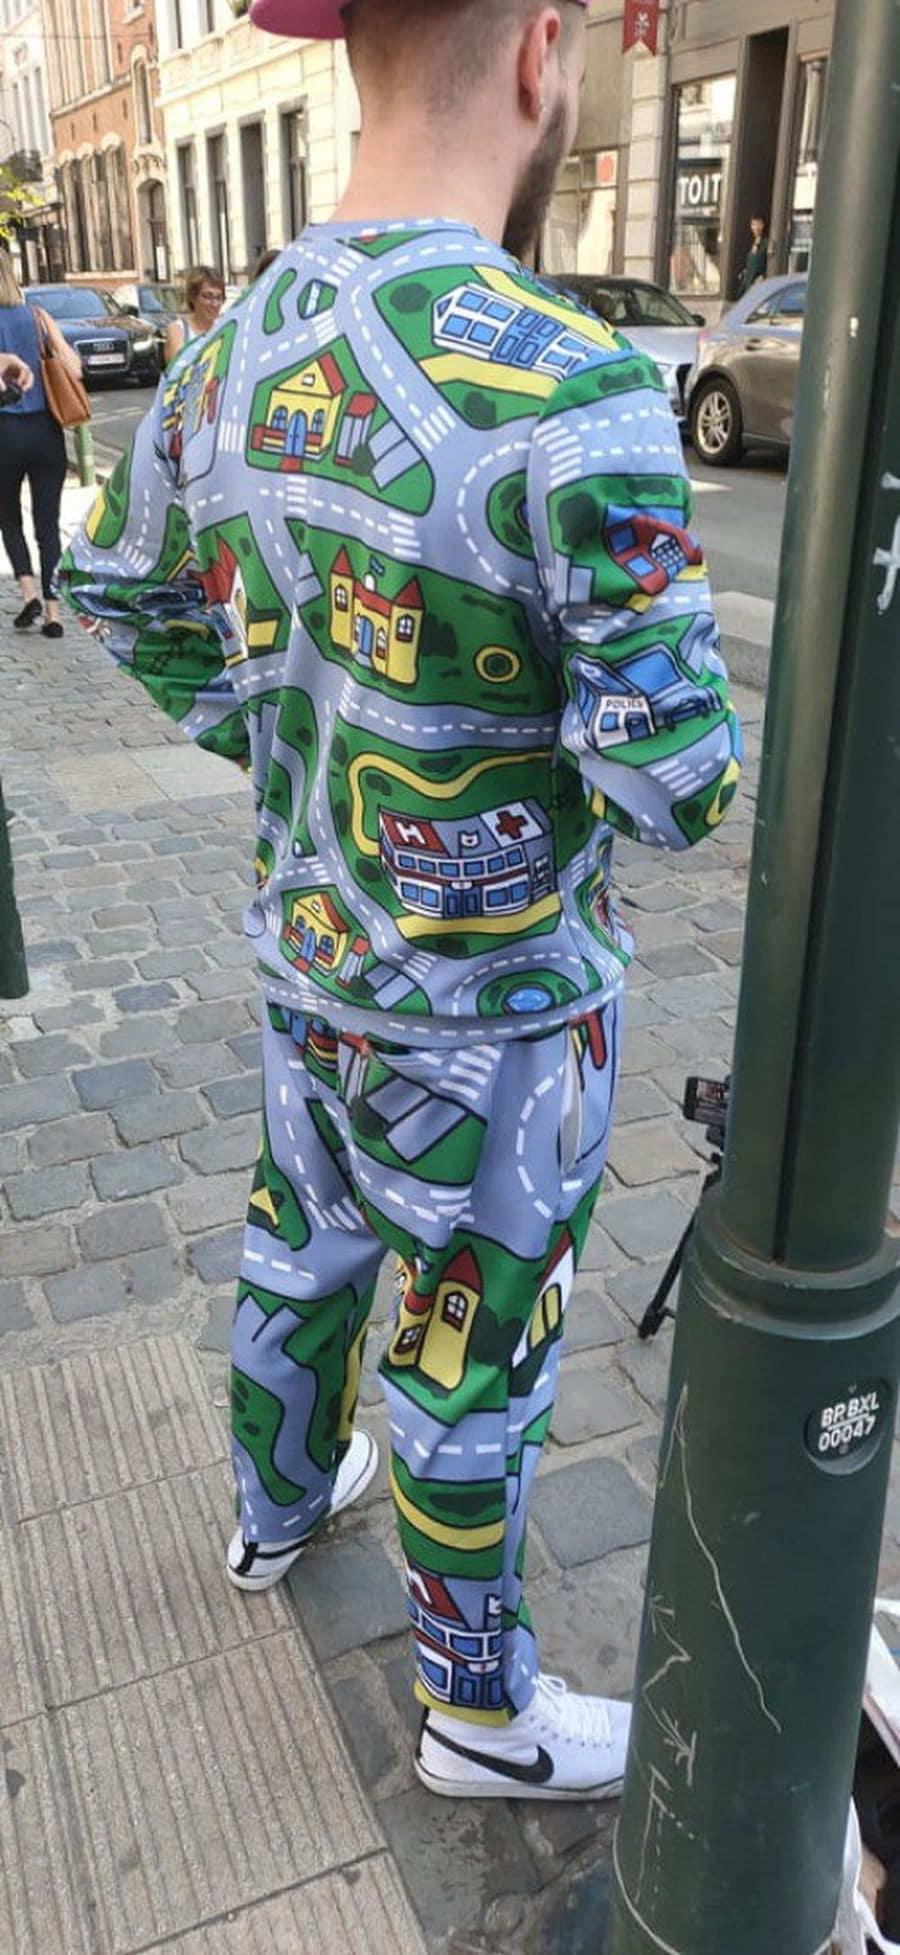 Mutige Klamotten-Wahl | Lustiges | Was is hier eigentlich los?